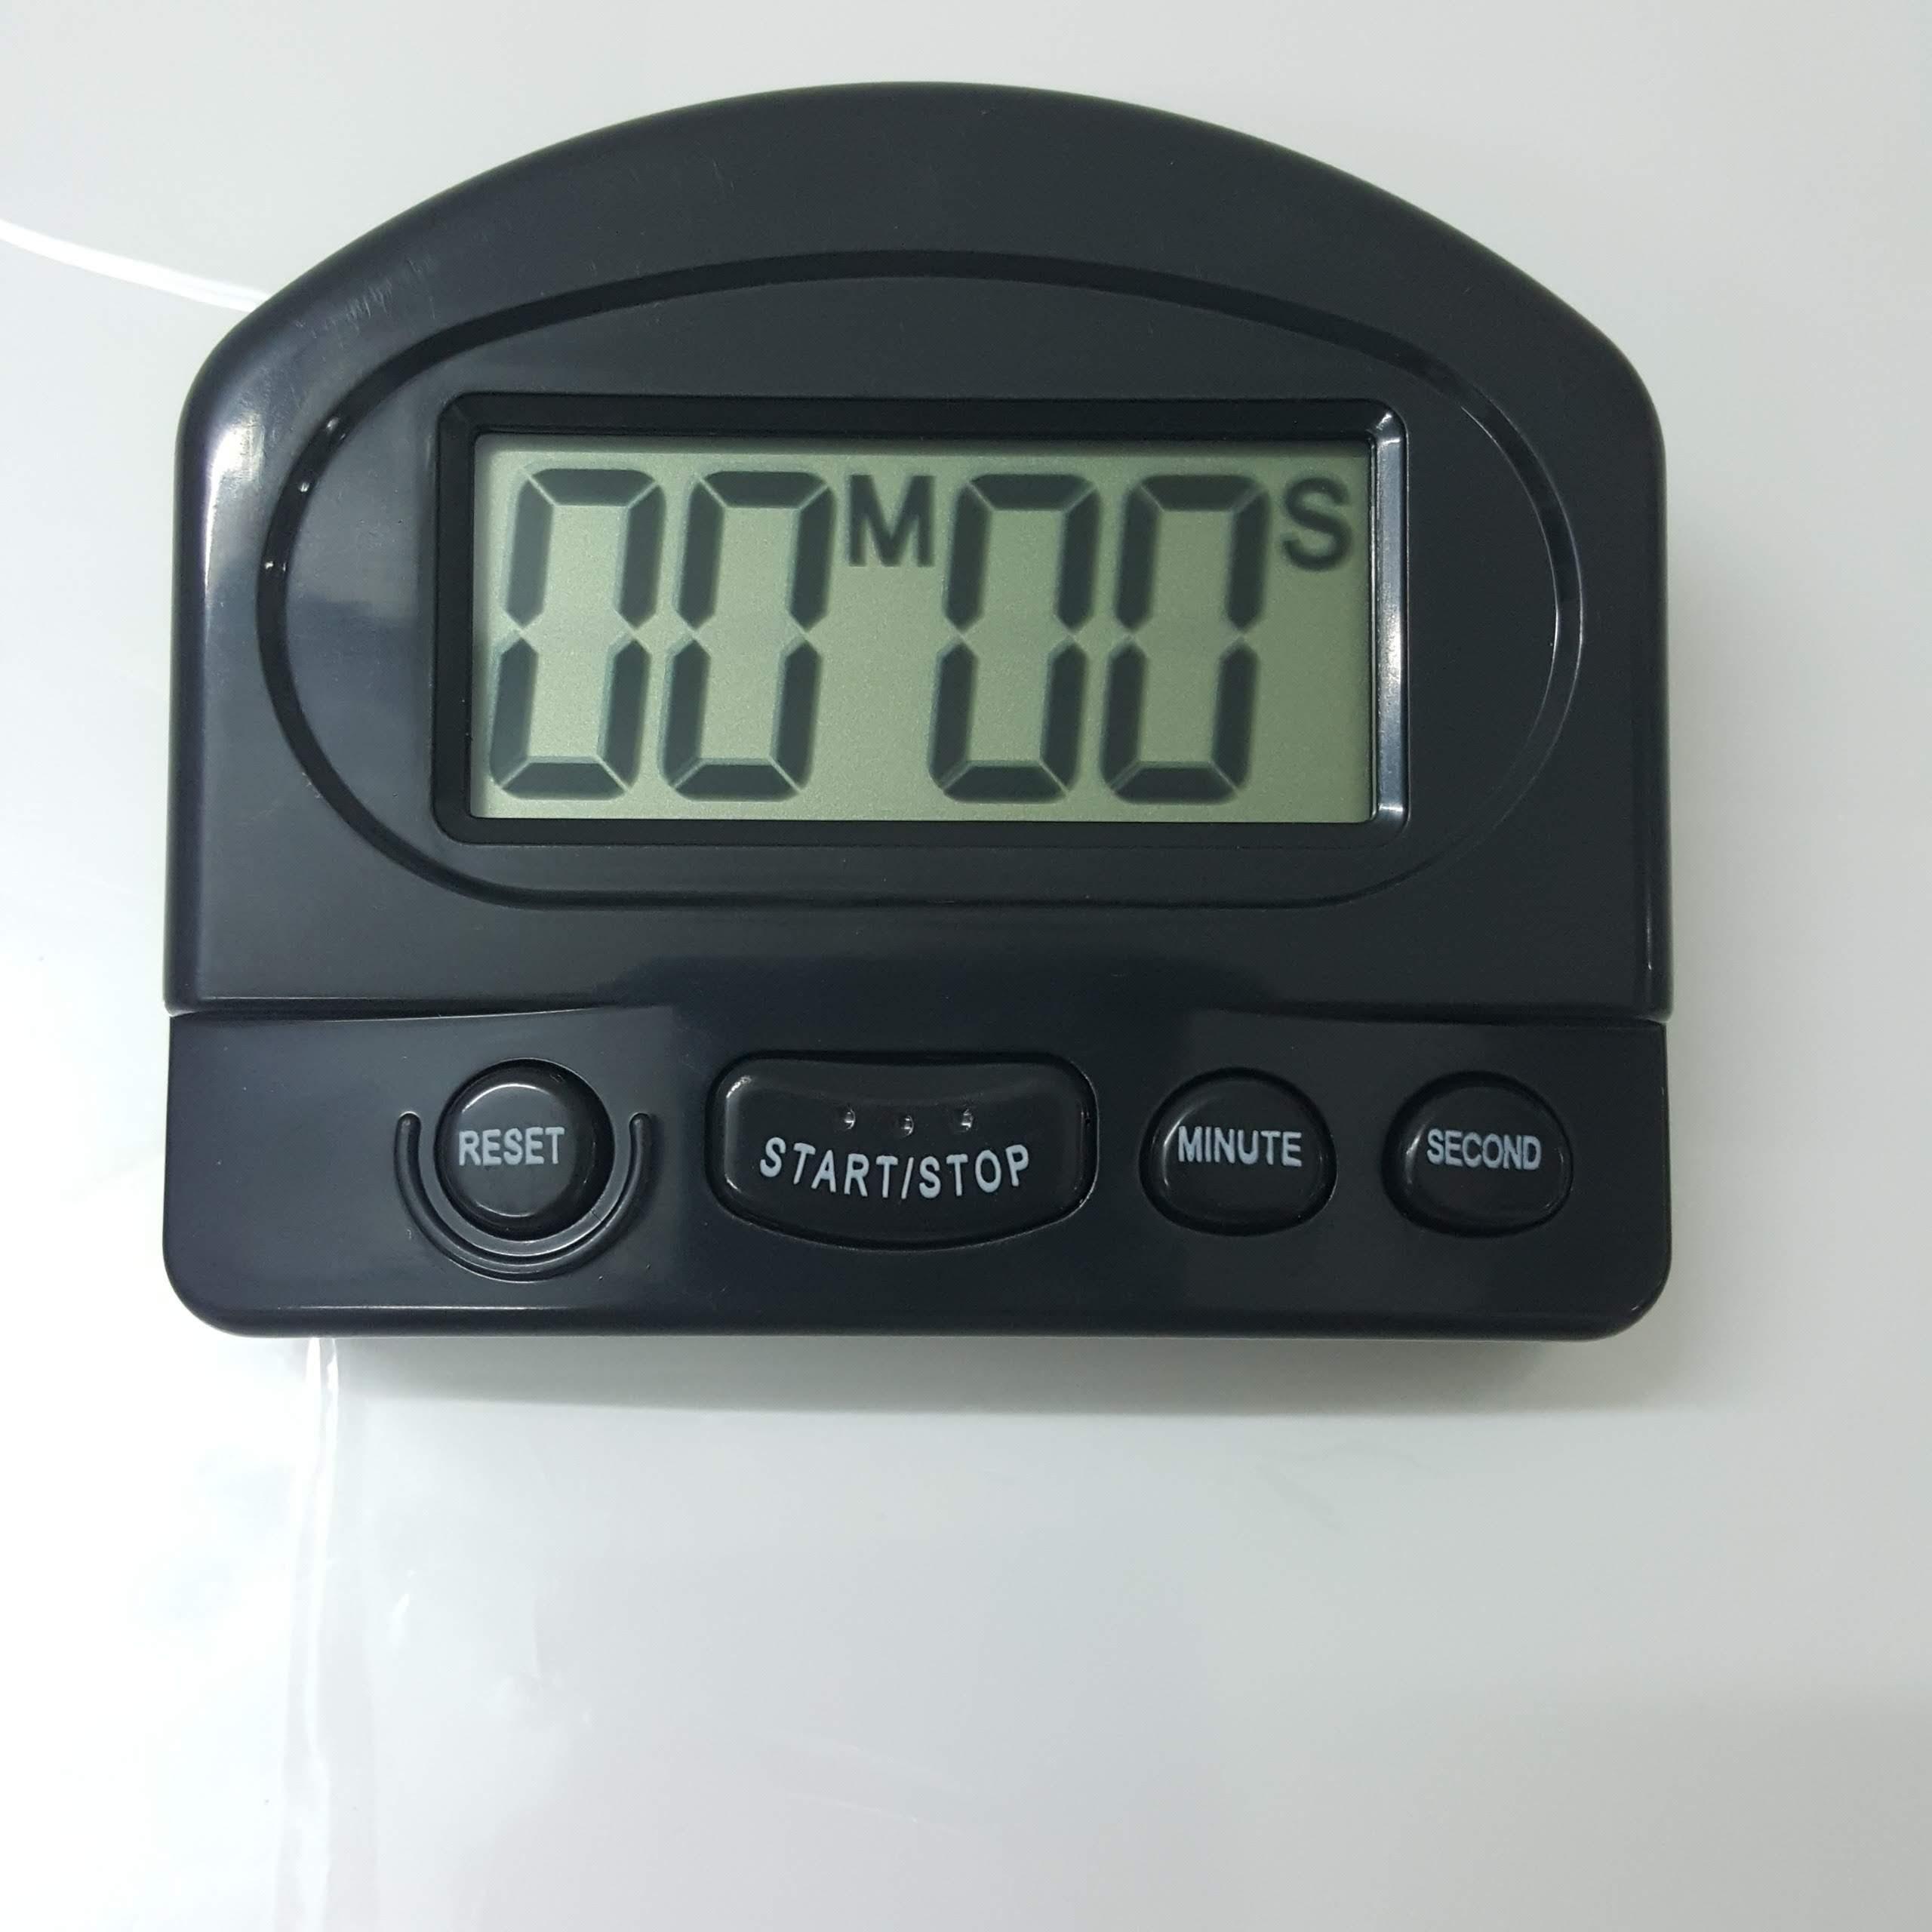 Đồng hồ bấm giờ điện tử mini, có chế độ đếm ngược